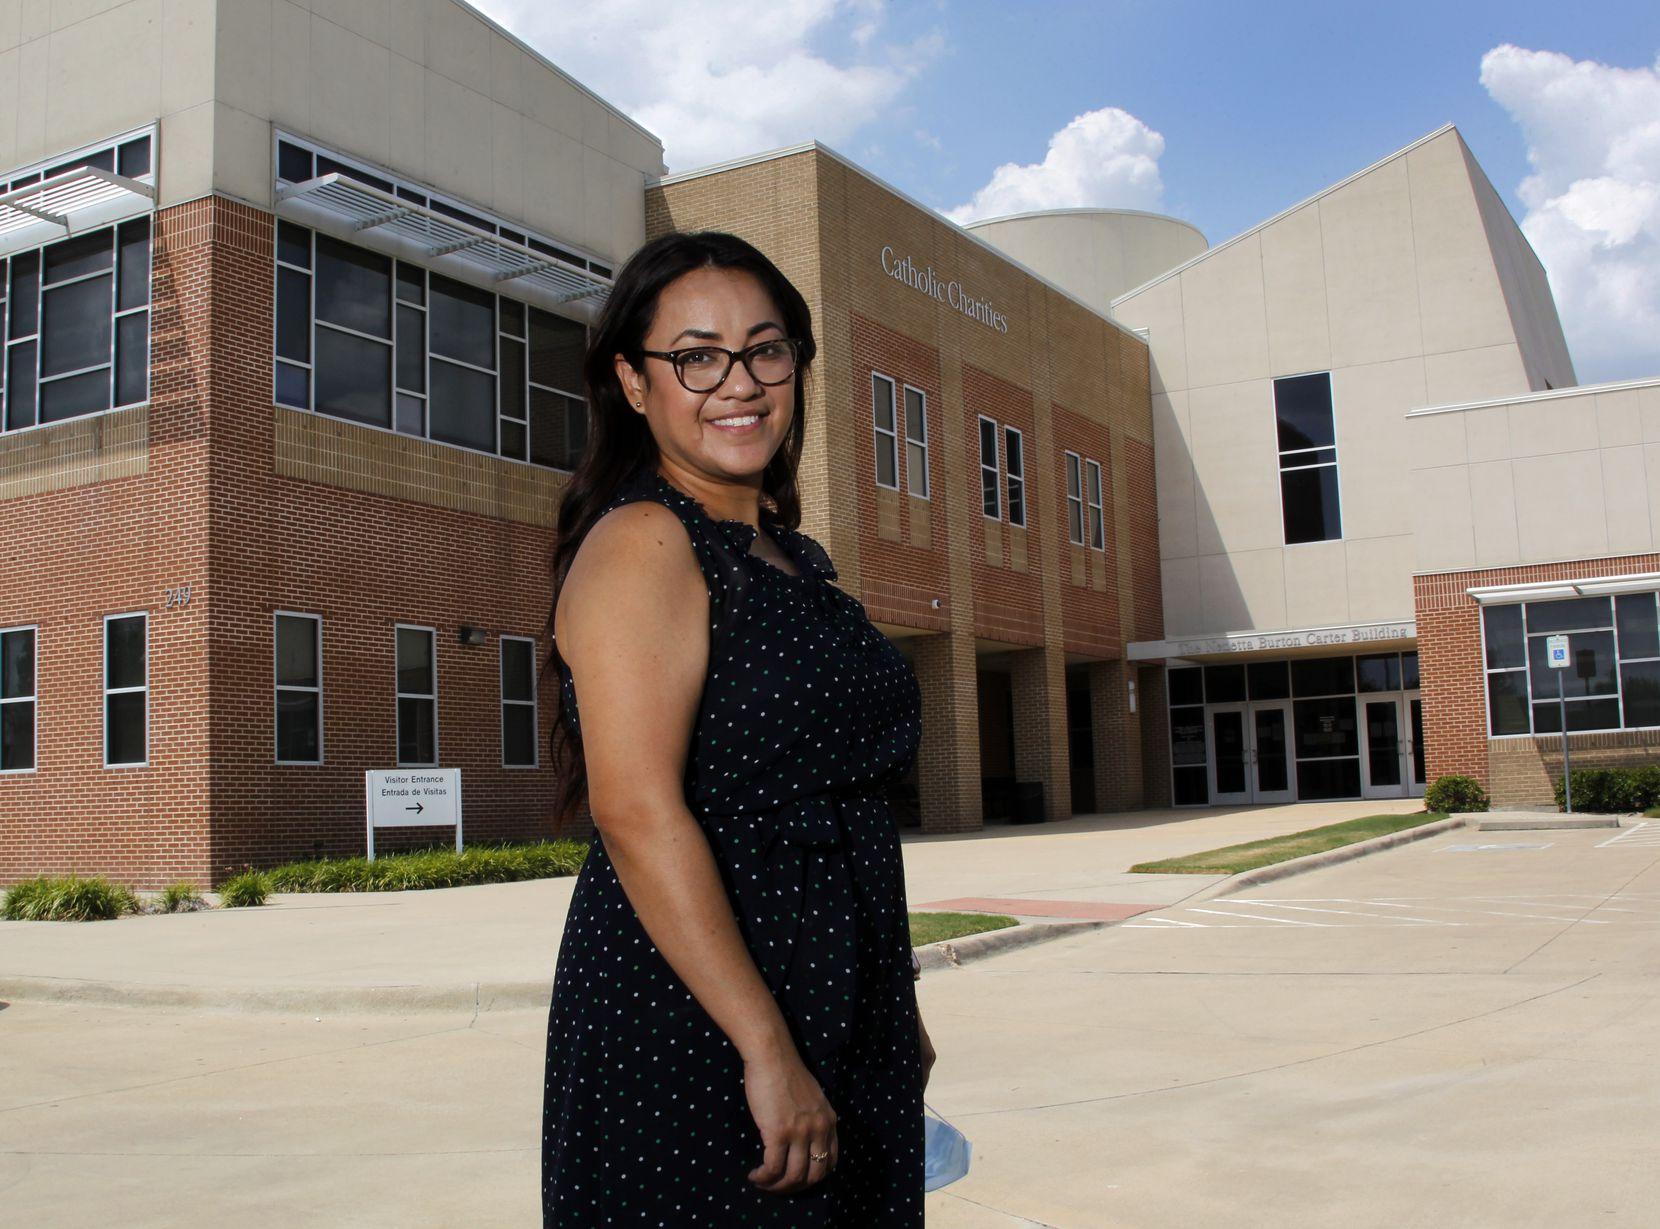 Yésika Moncada, una administradora de casos del programa de Padua que trabajó junto a Ramírez cuando ella era cliente, es fotografiada al frente de Caridades Católicas Fort Worth el 29 de julio de 2021. (Steve Hamm/ Special Contributor)